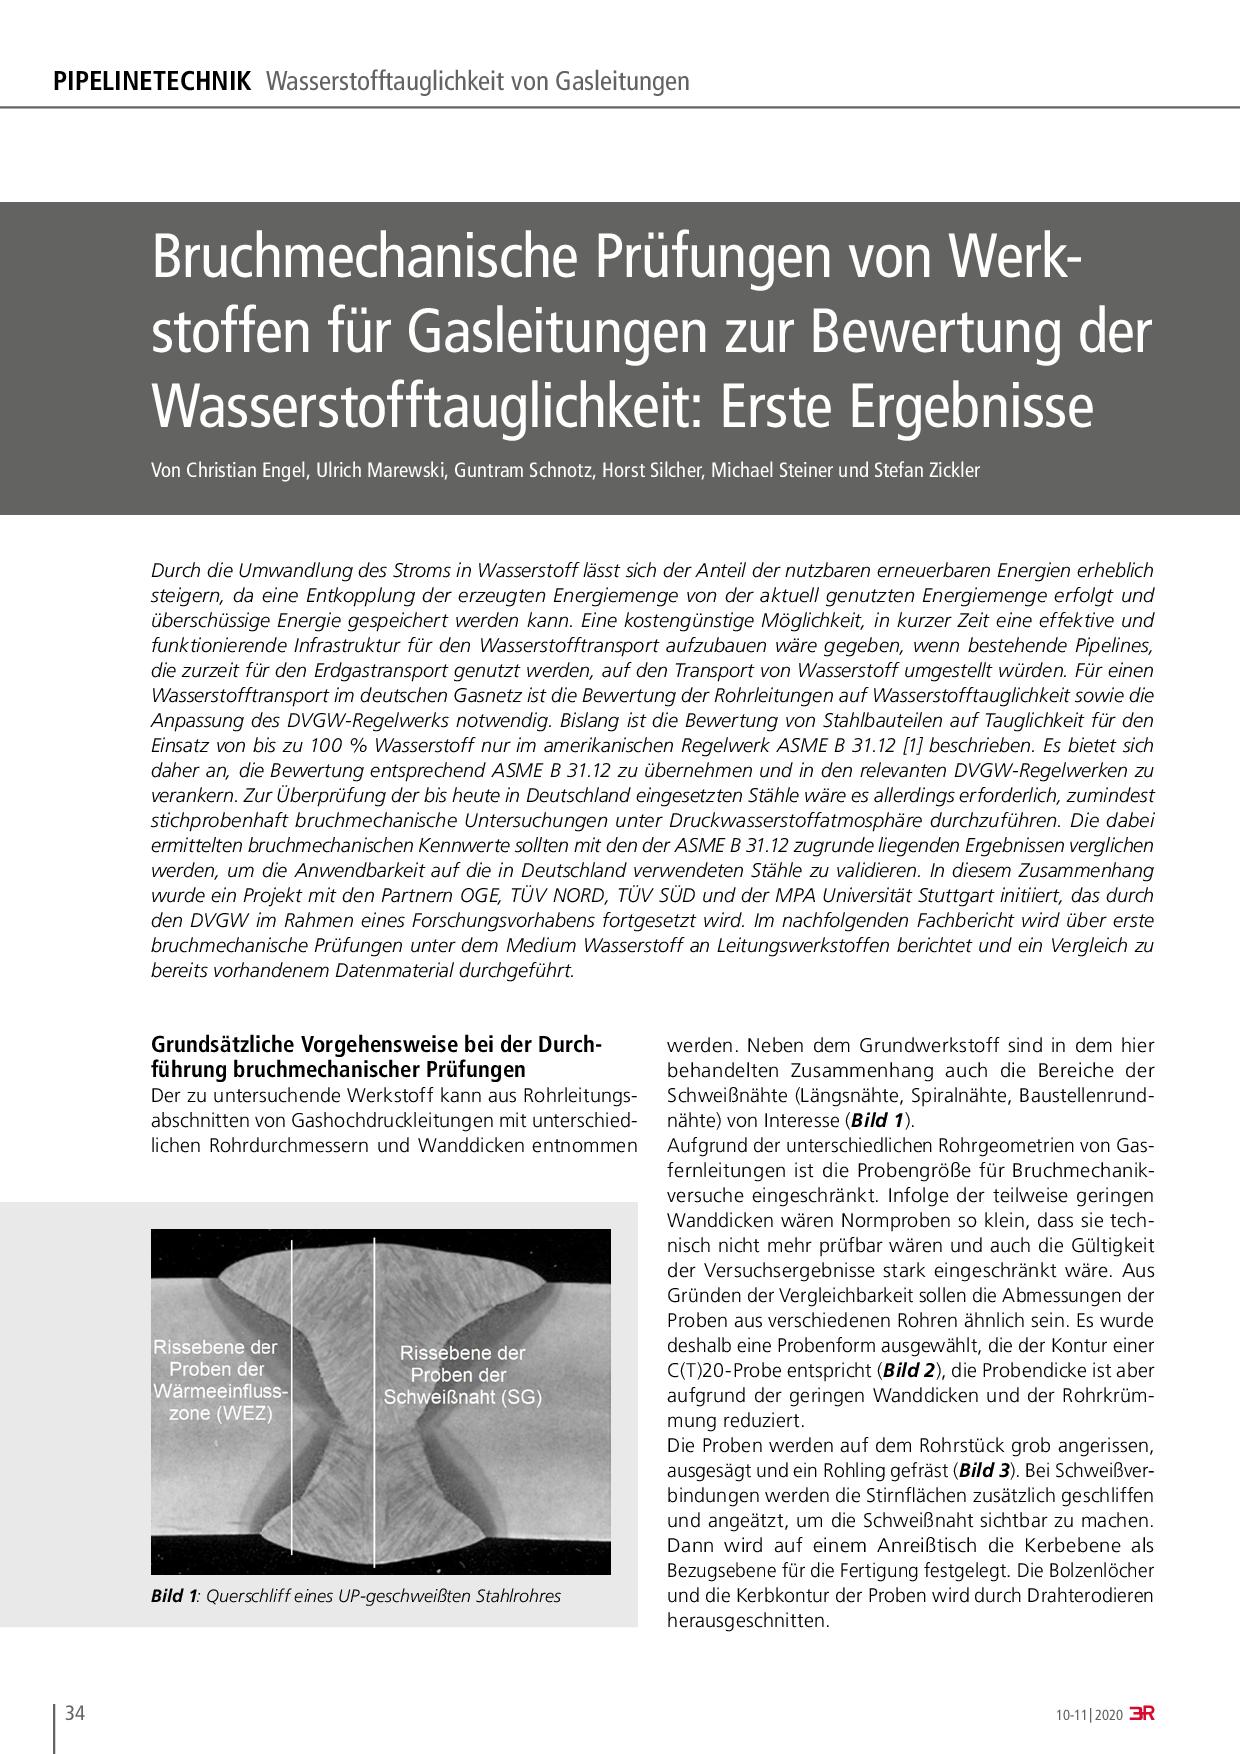 Bruchmechanische Prüfungen von Werkstoffen für Gasleitungen zur Bewertung der Wasserstofftauglichkeit: Erste Ergebnisse